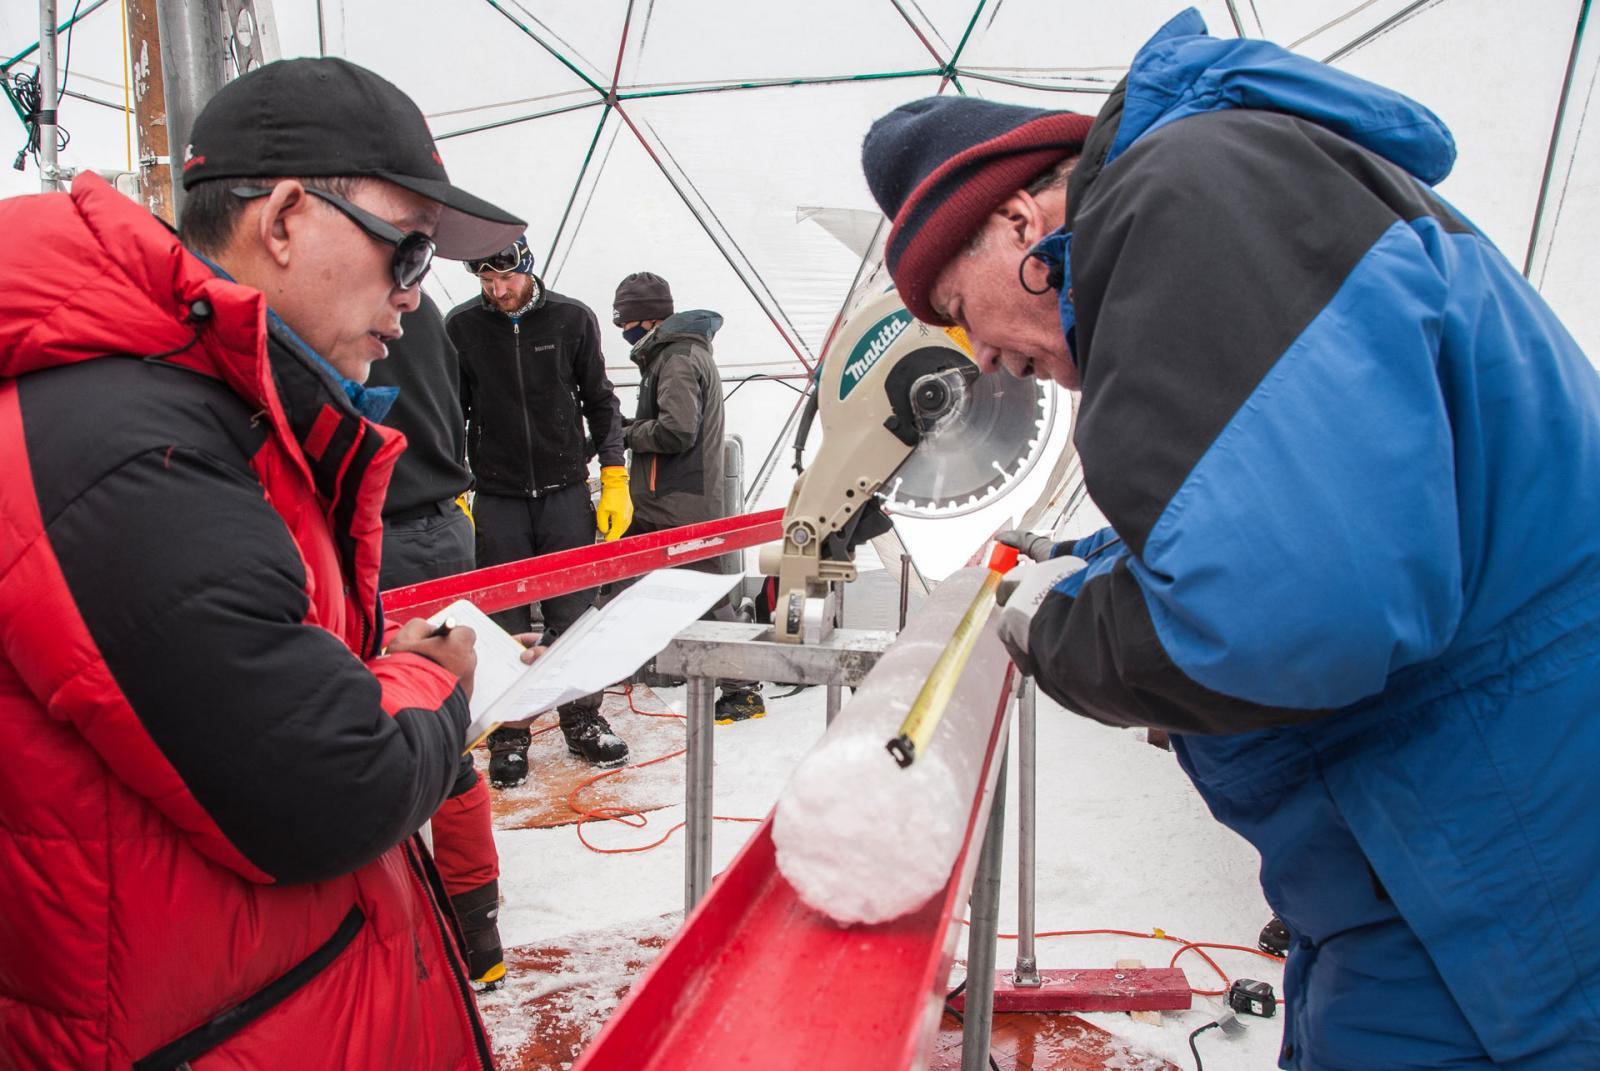 พบเชื้อไวรัสโบราณอายุเกือบ 15,000 ปีถูกแช่แข็งอยู่ในธารน้ำแข็งทิเบต